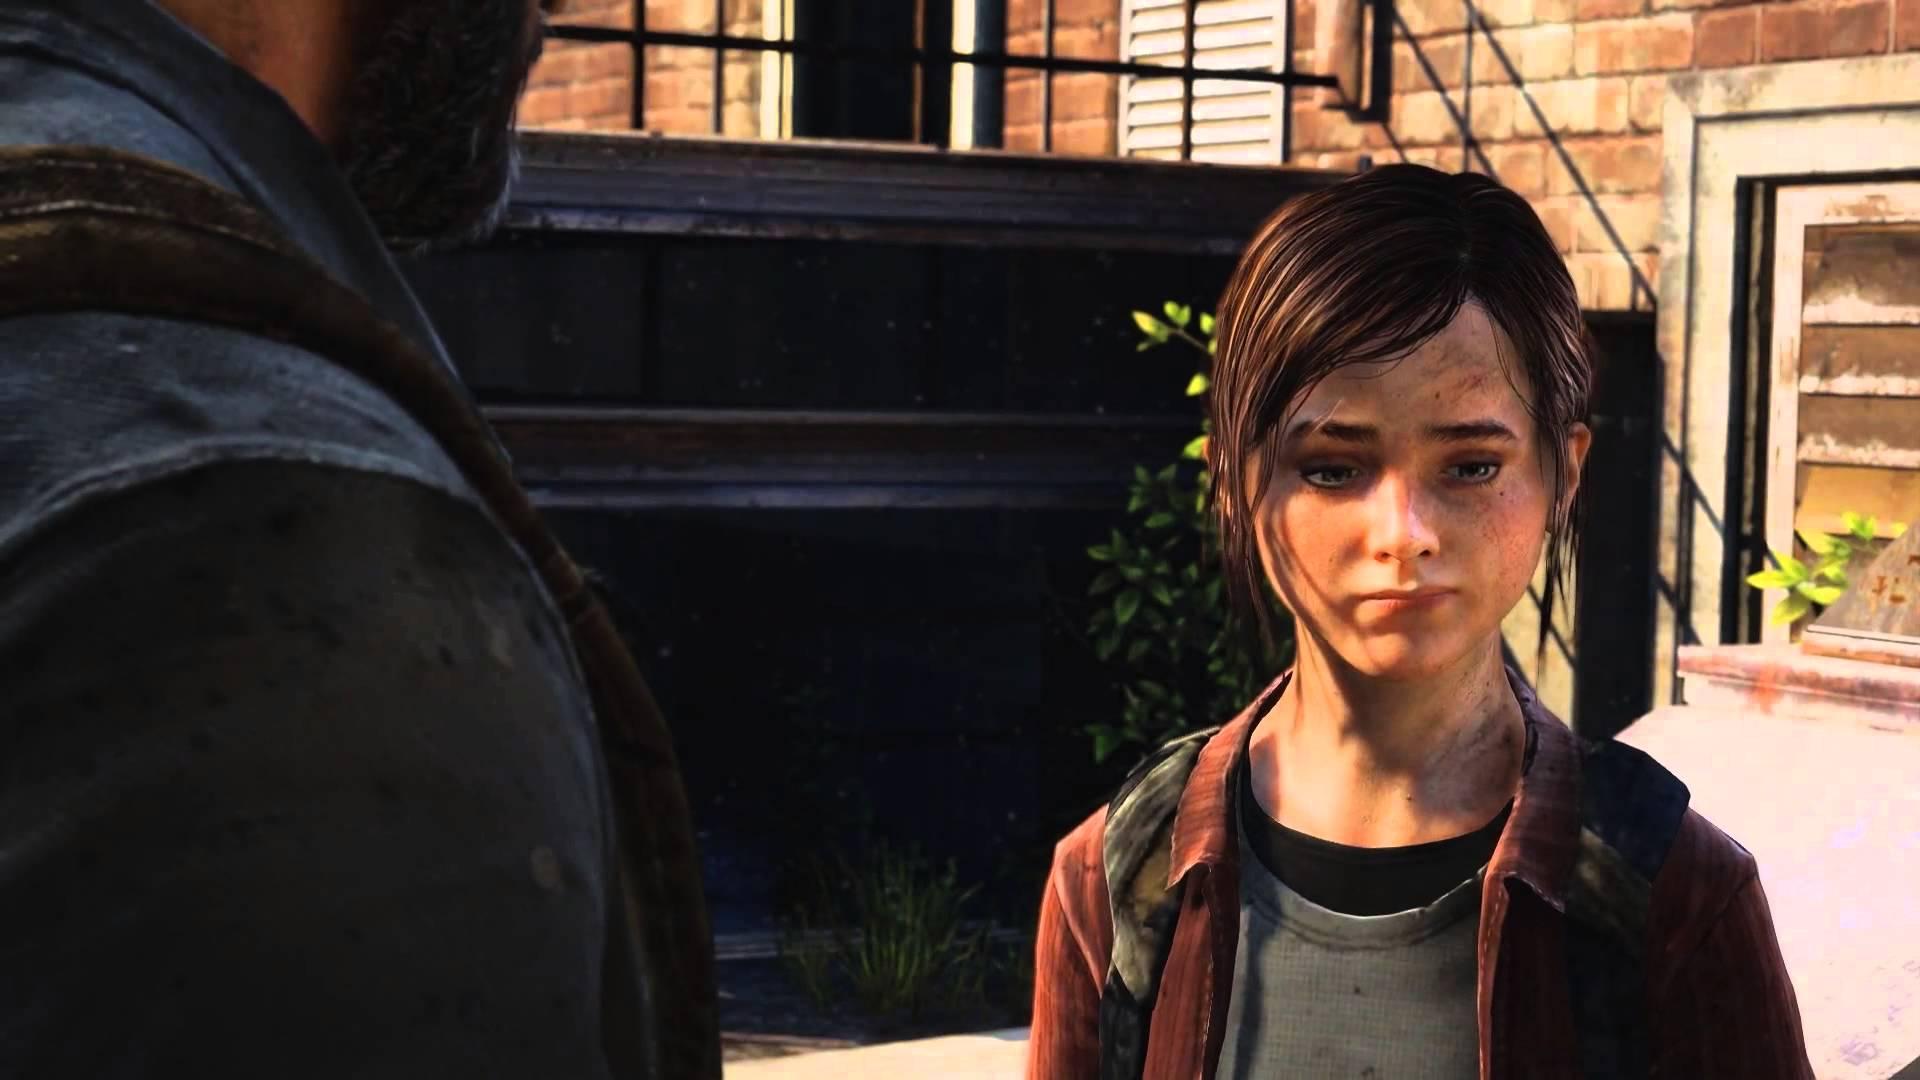 『The Last of Us Remastered』日本版ローンチトレーラー公開